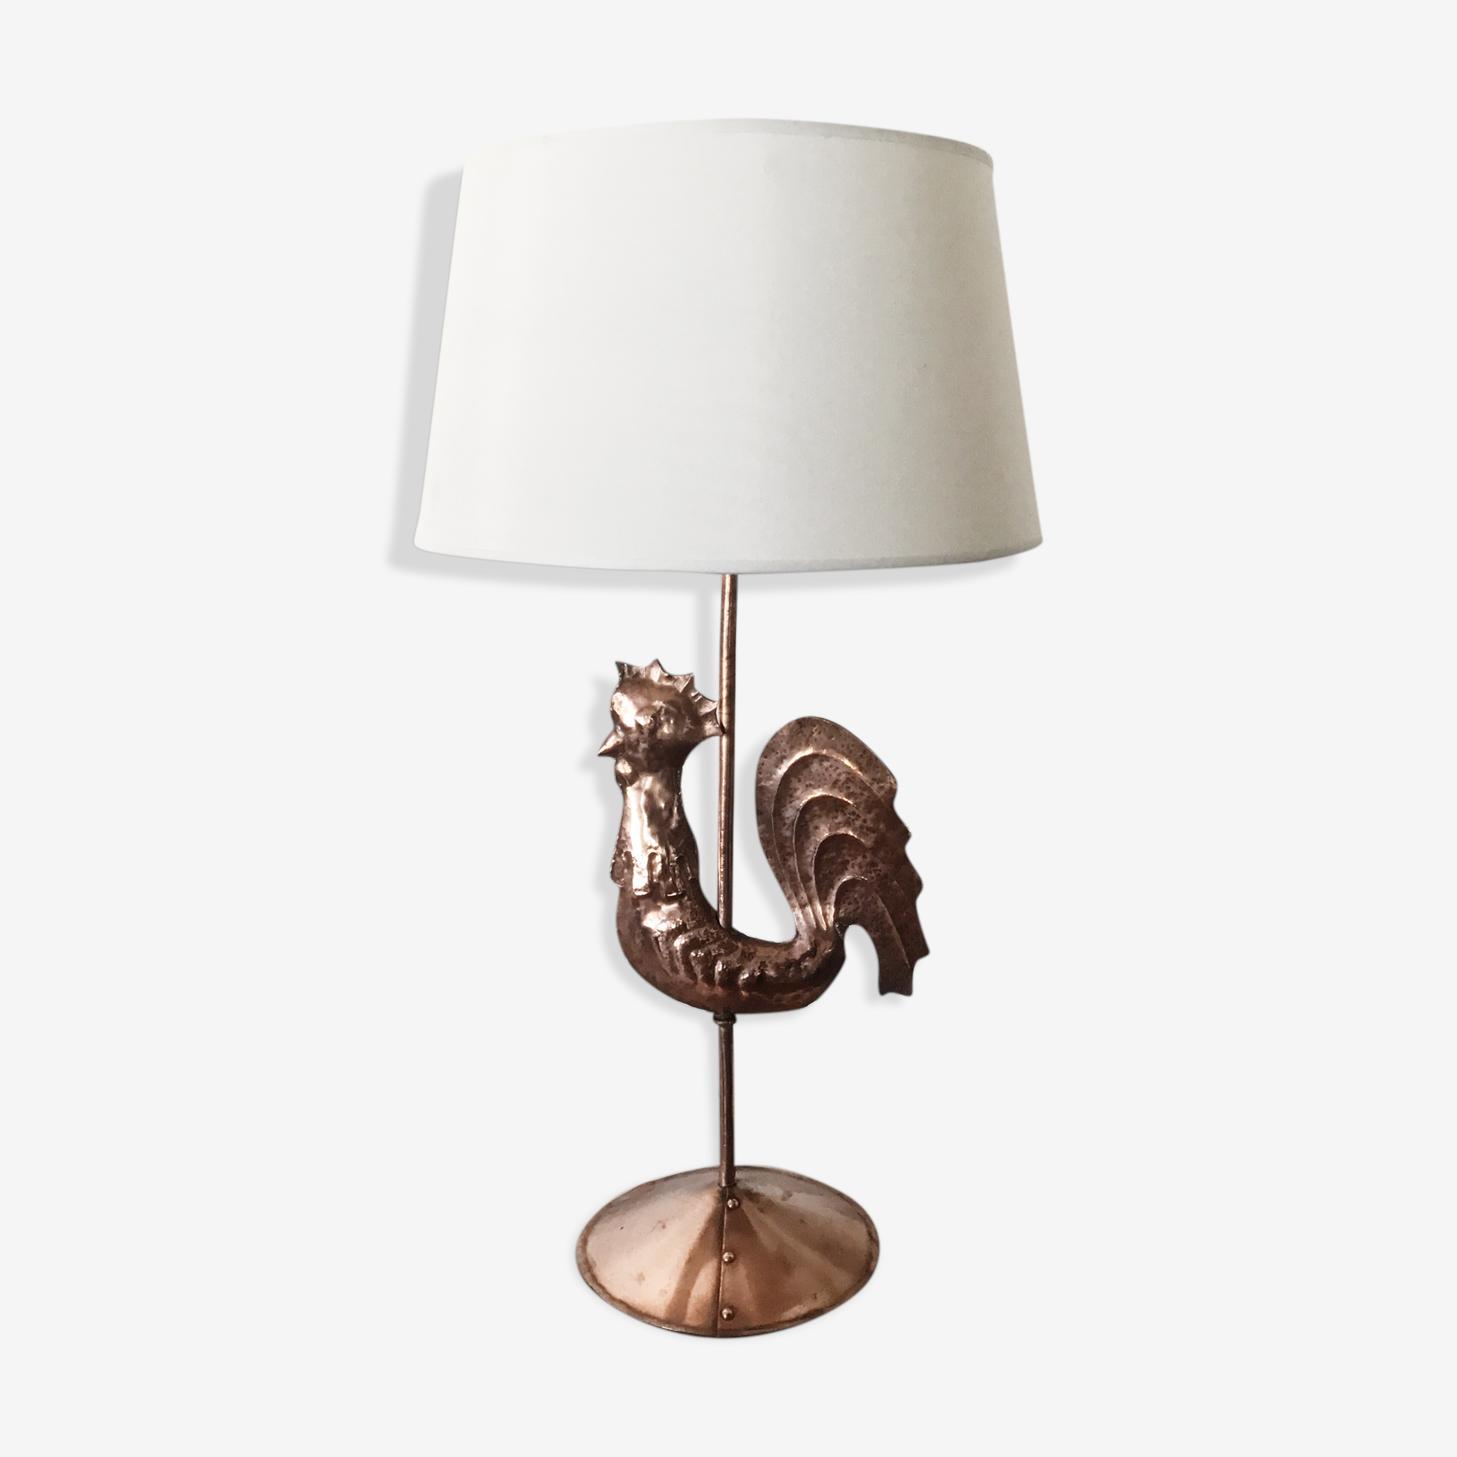 Lampe shabby chic 1950s